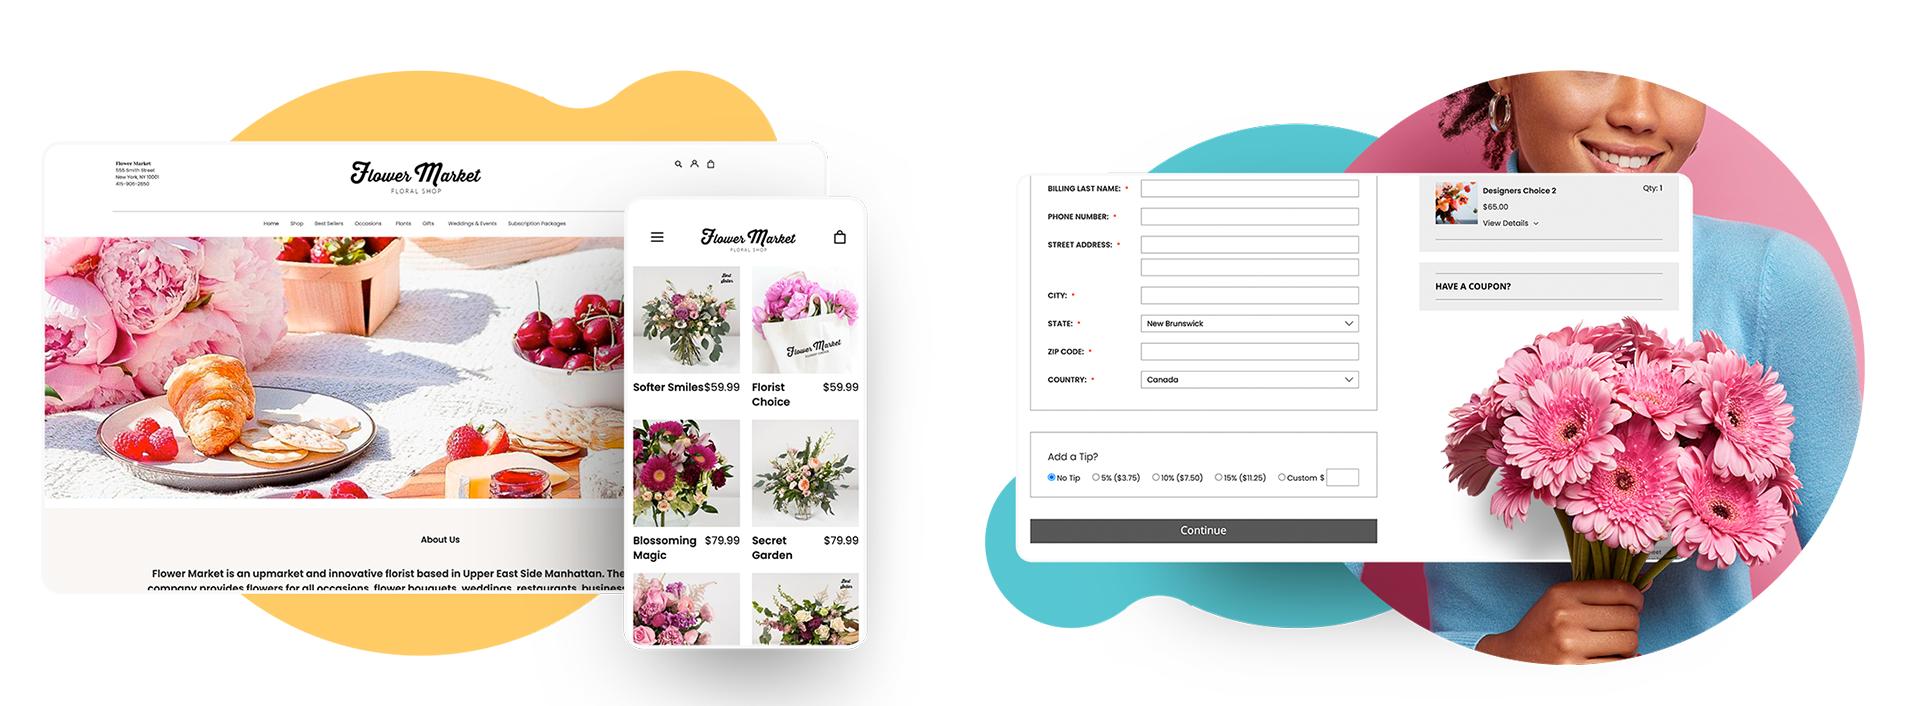 Florist Website - New Platform